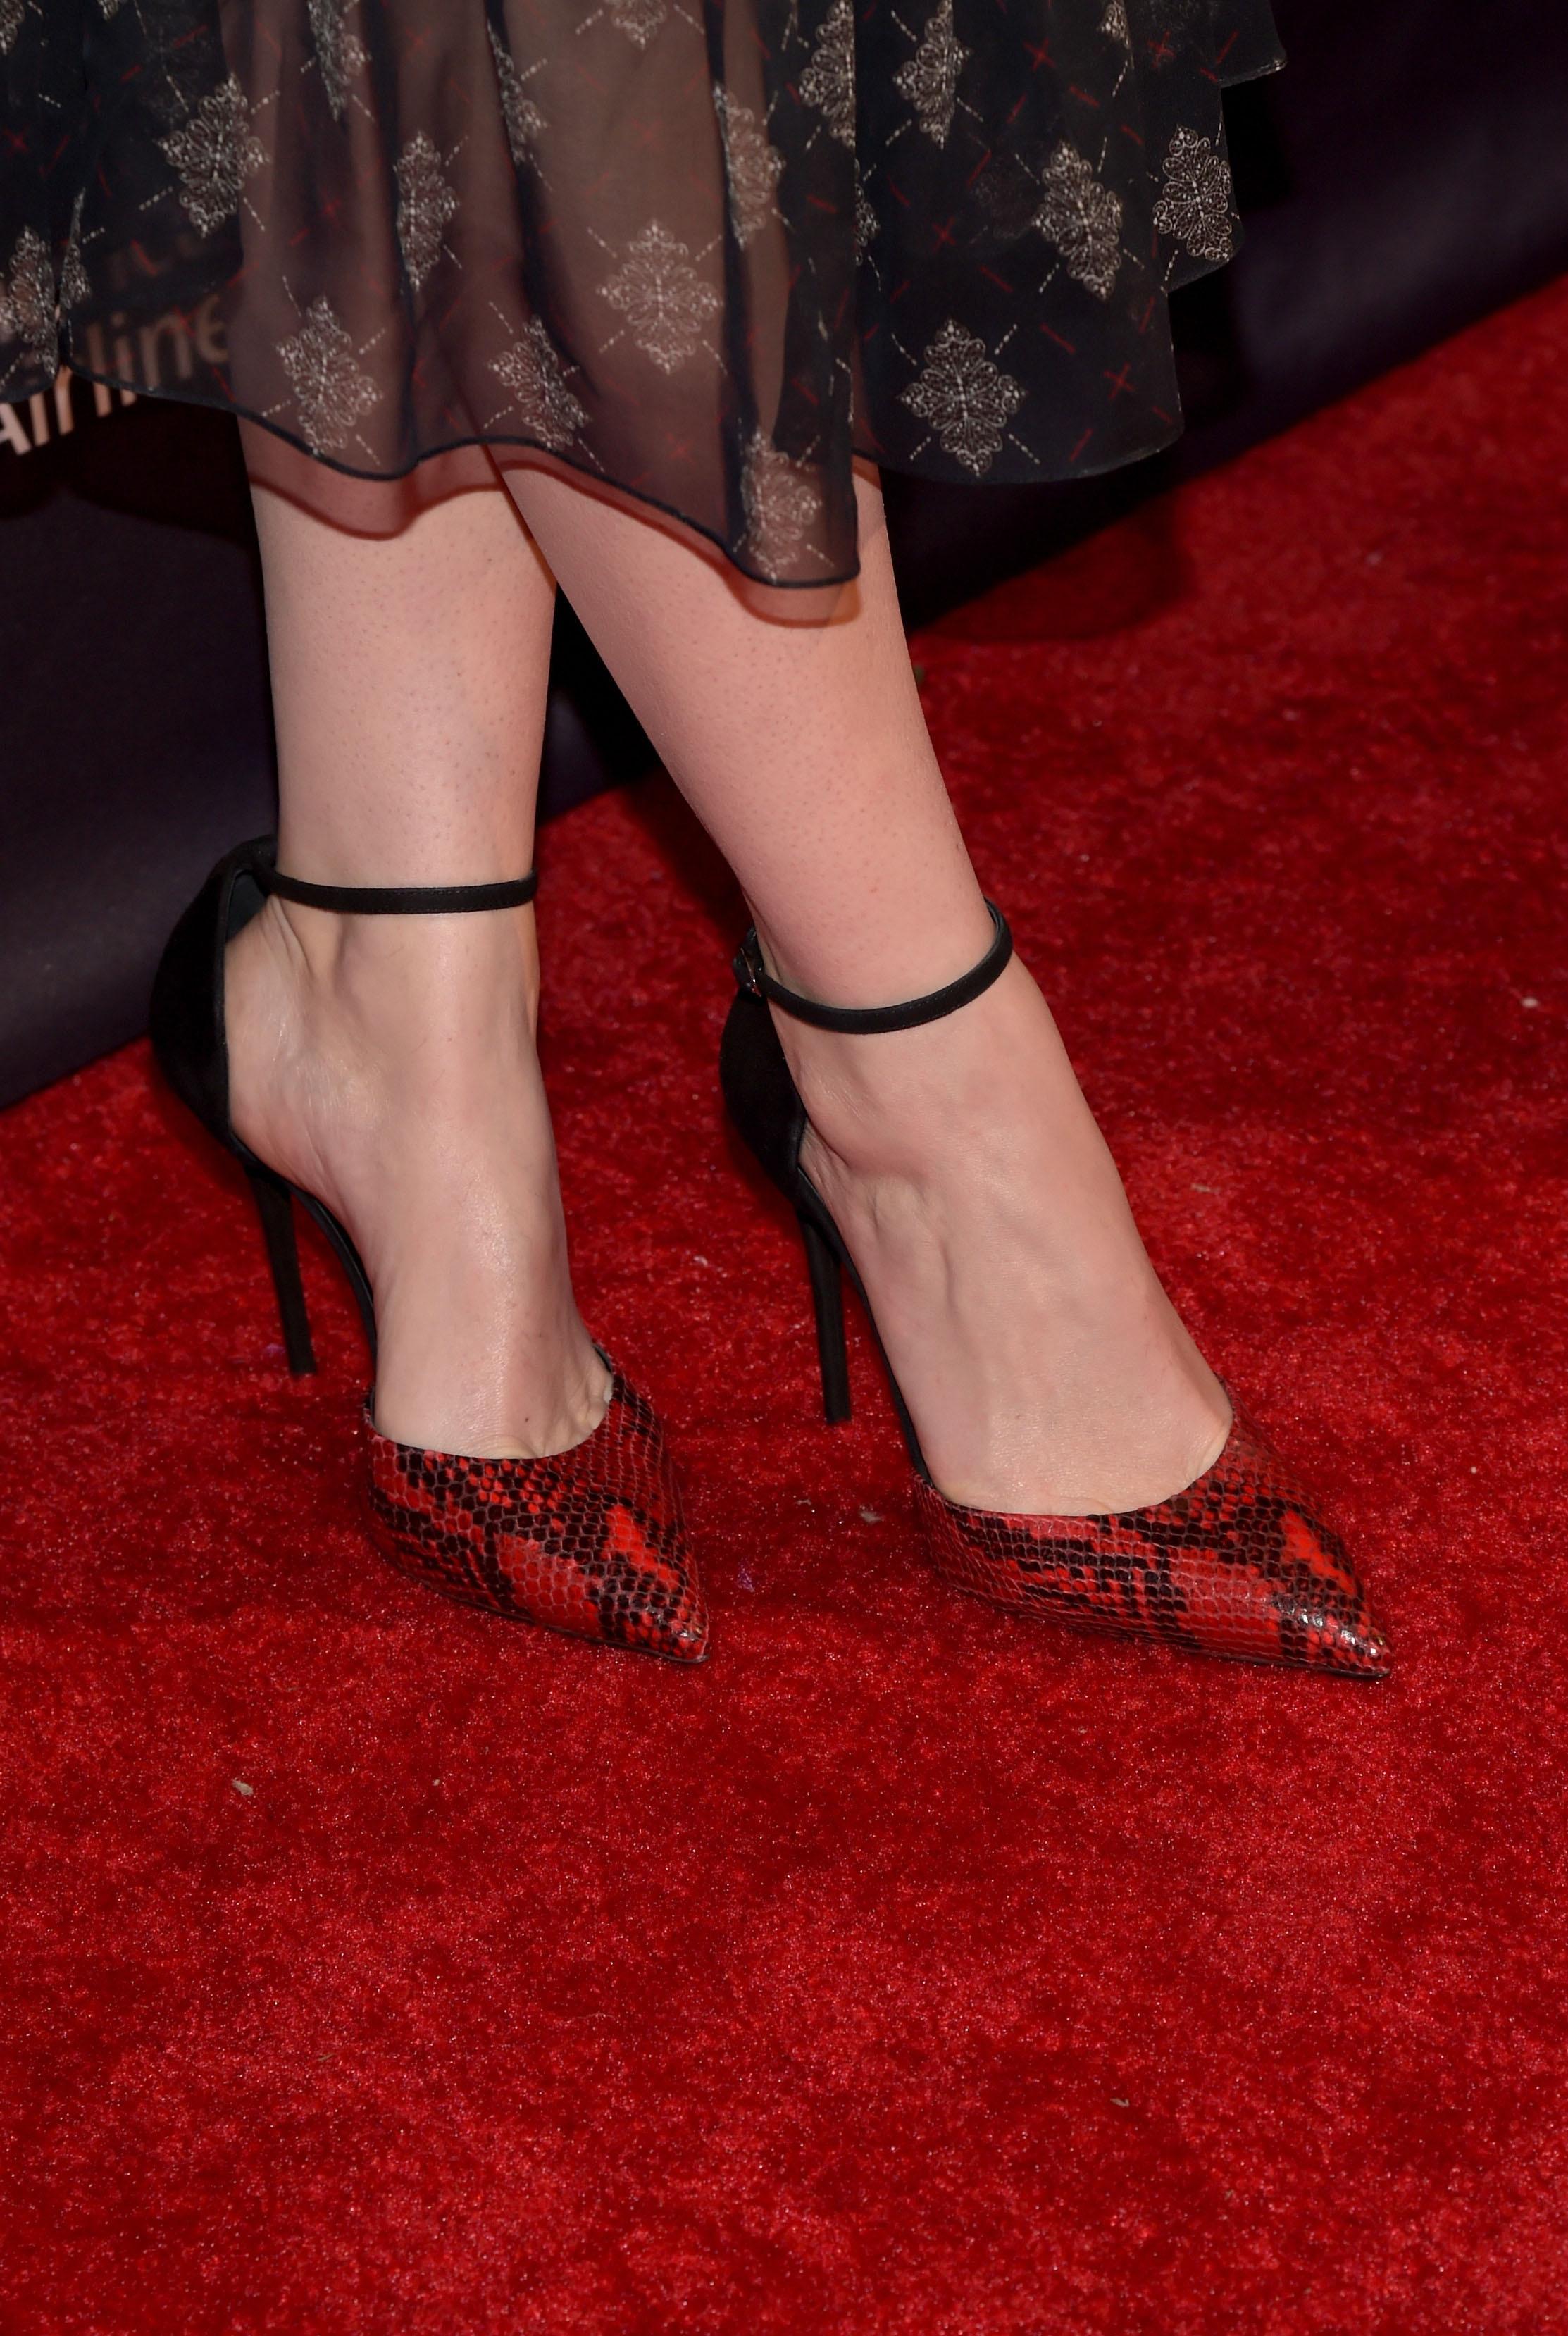 felicity jones feet